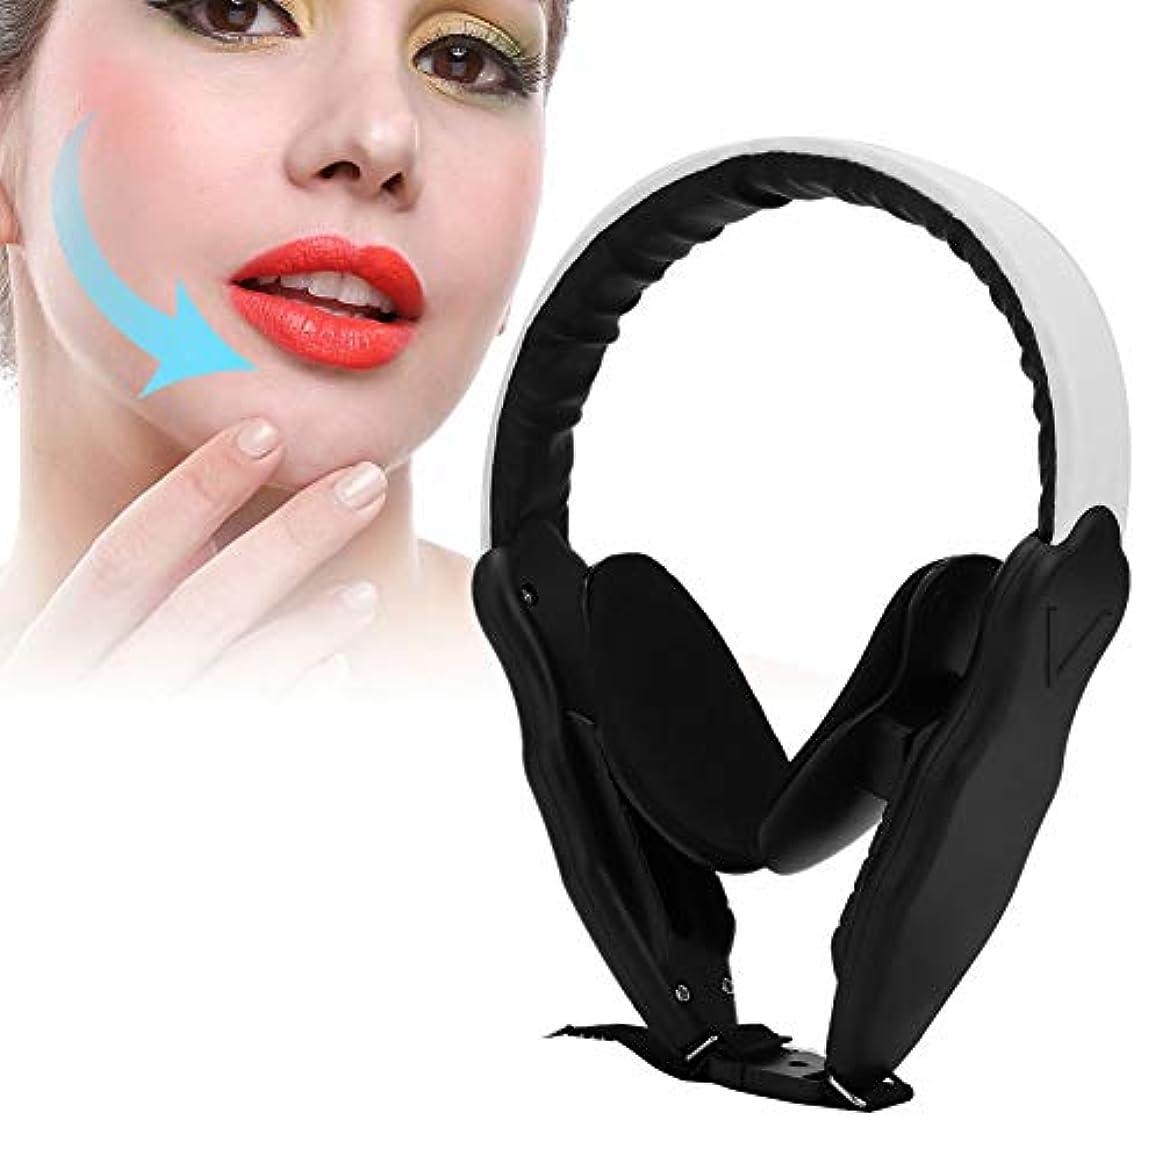 バッテリー地域の慣れる小顔マスク 矯正 調節可能な圧力工具を細くする薄い顔の補正装置のあごの頬の皮のマッサージの持ち上がること